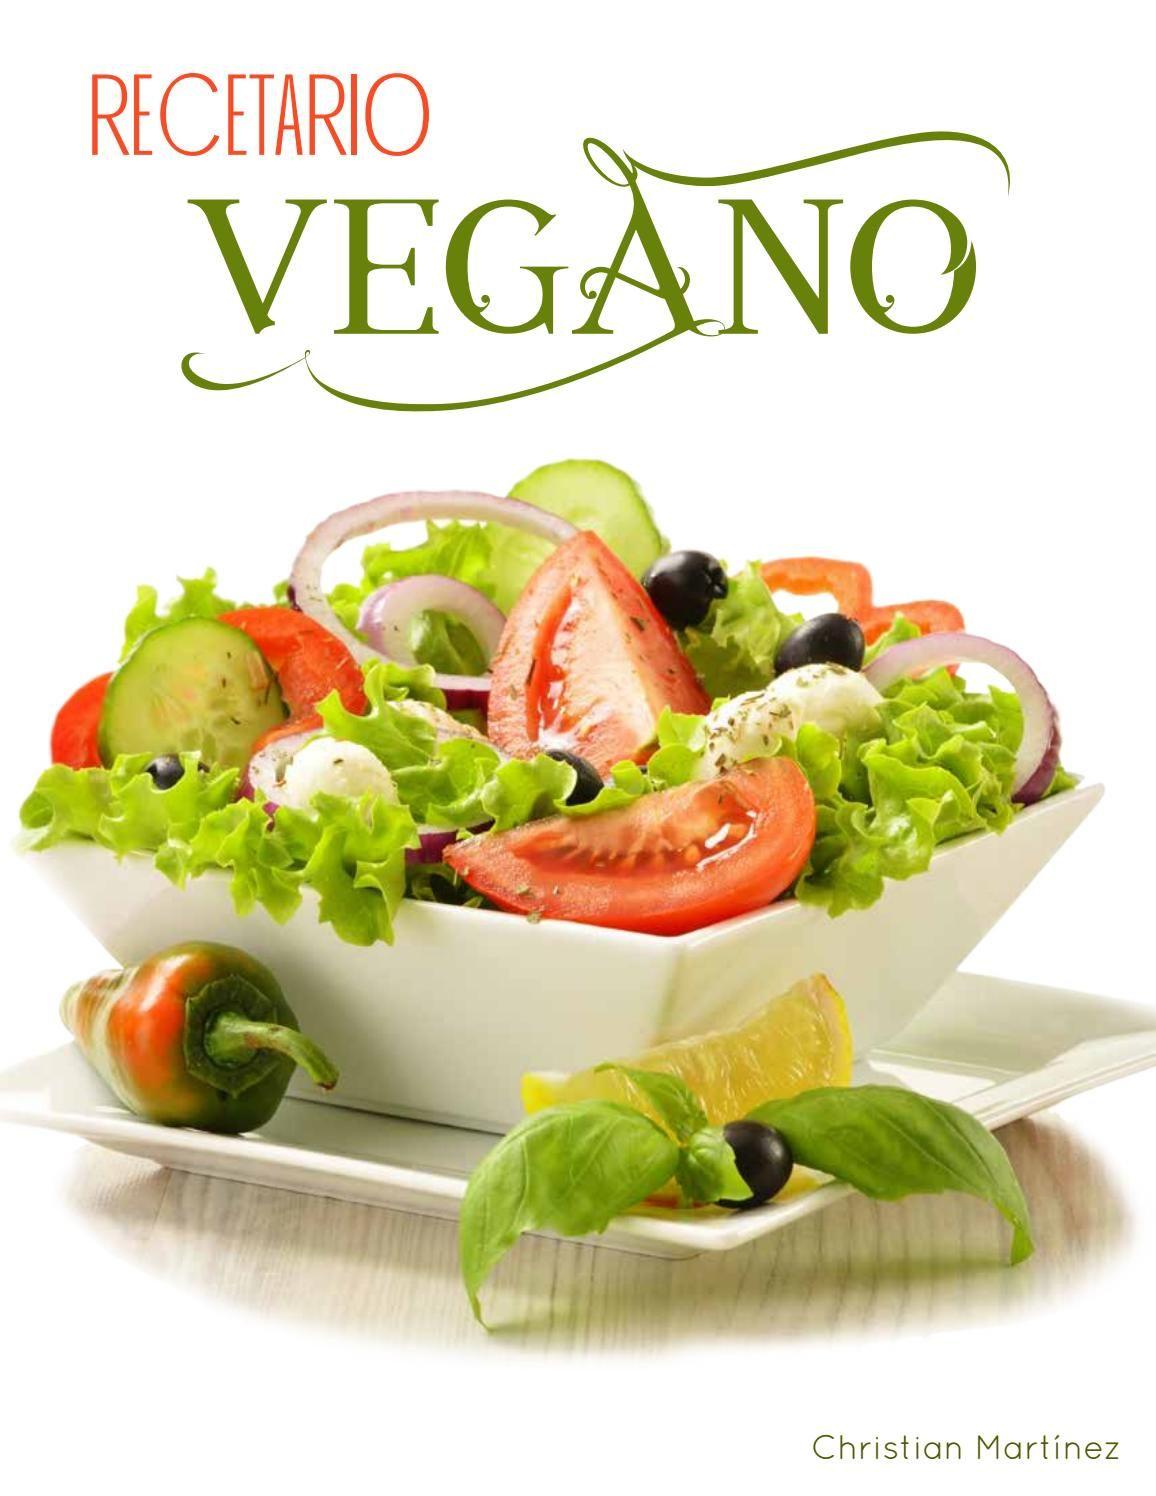 Recetario Vegano en 2019  Food